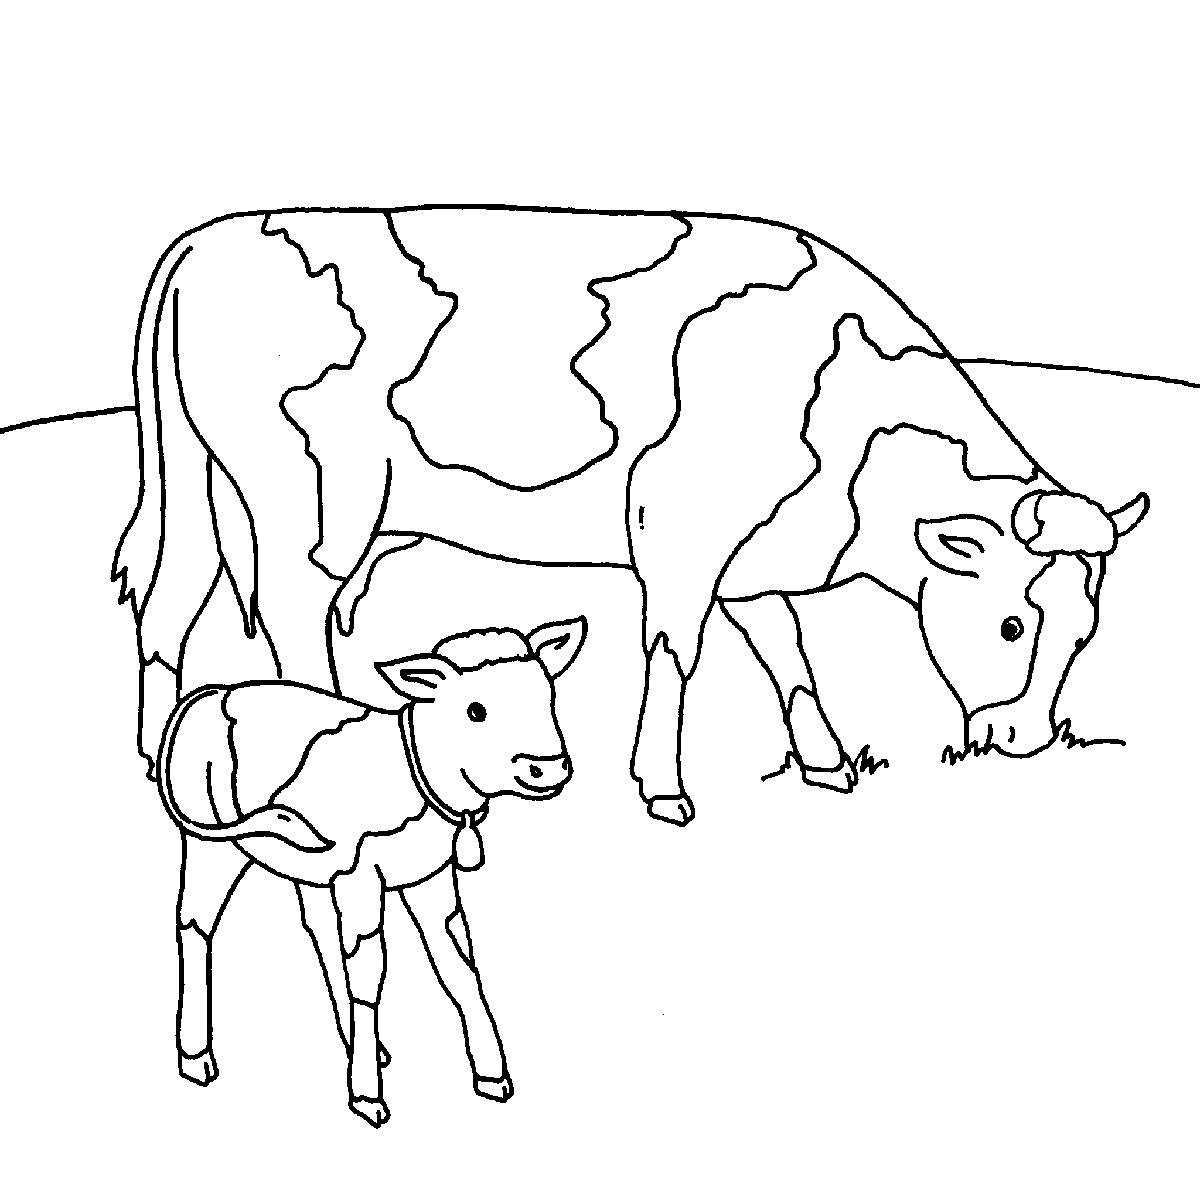 Ausmalbild Bauernhof: Kühe Auf Der Weide Kostenlos Ausdrucken ganzes Ausmalbilder Bauernhof Kostenlos